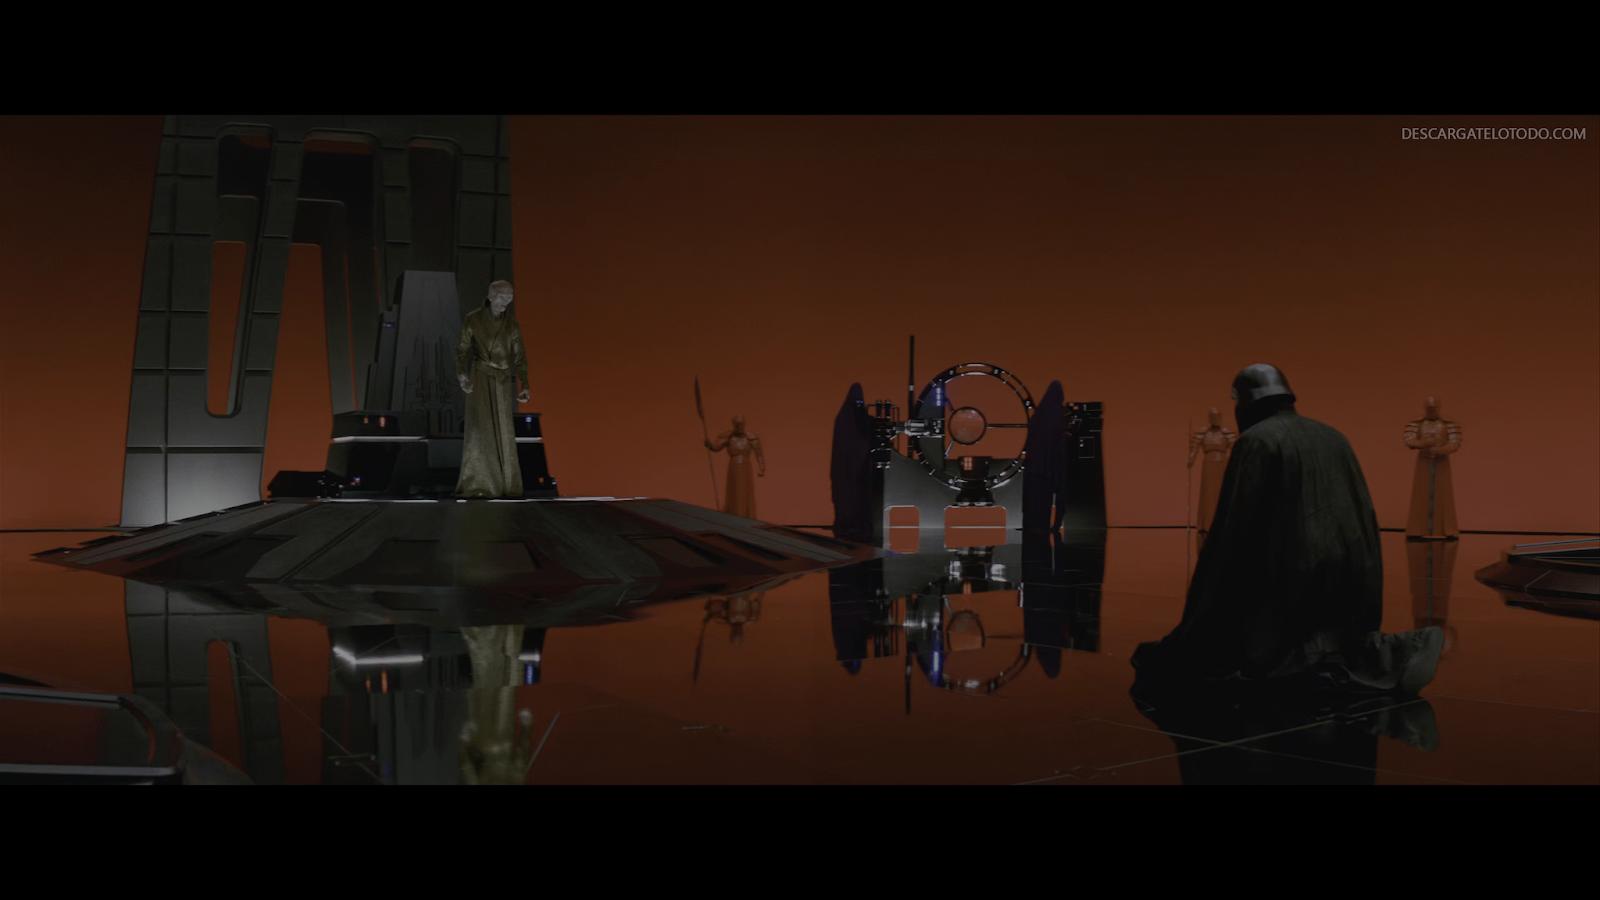 Star Wars: Los últimos Jedi (2017) 4K UHD [HDR] Latino-Castellano-Ingles captura 1